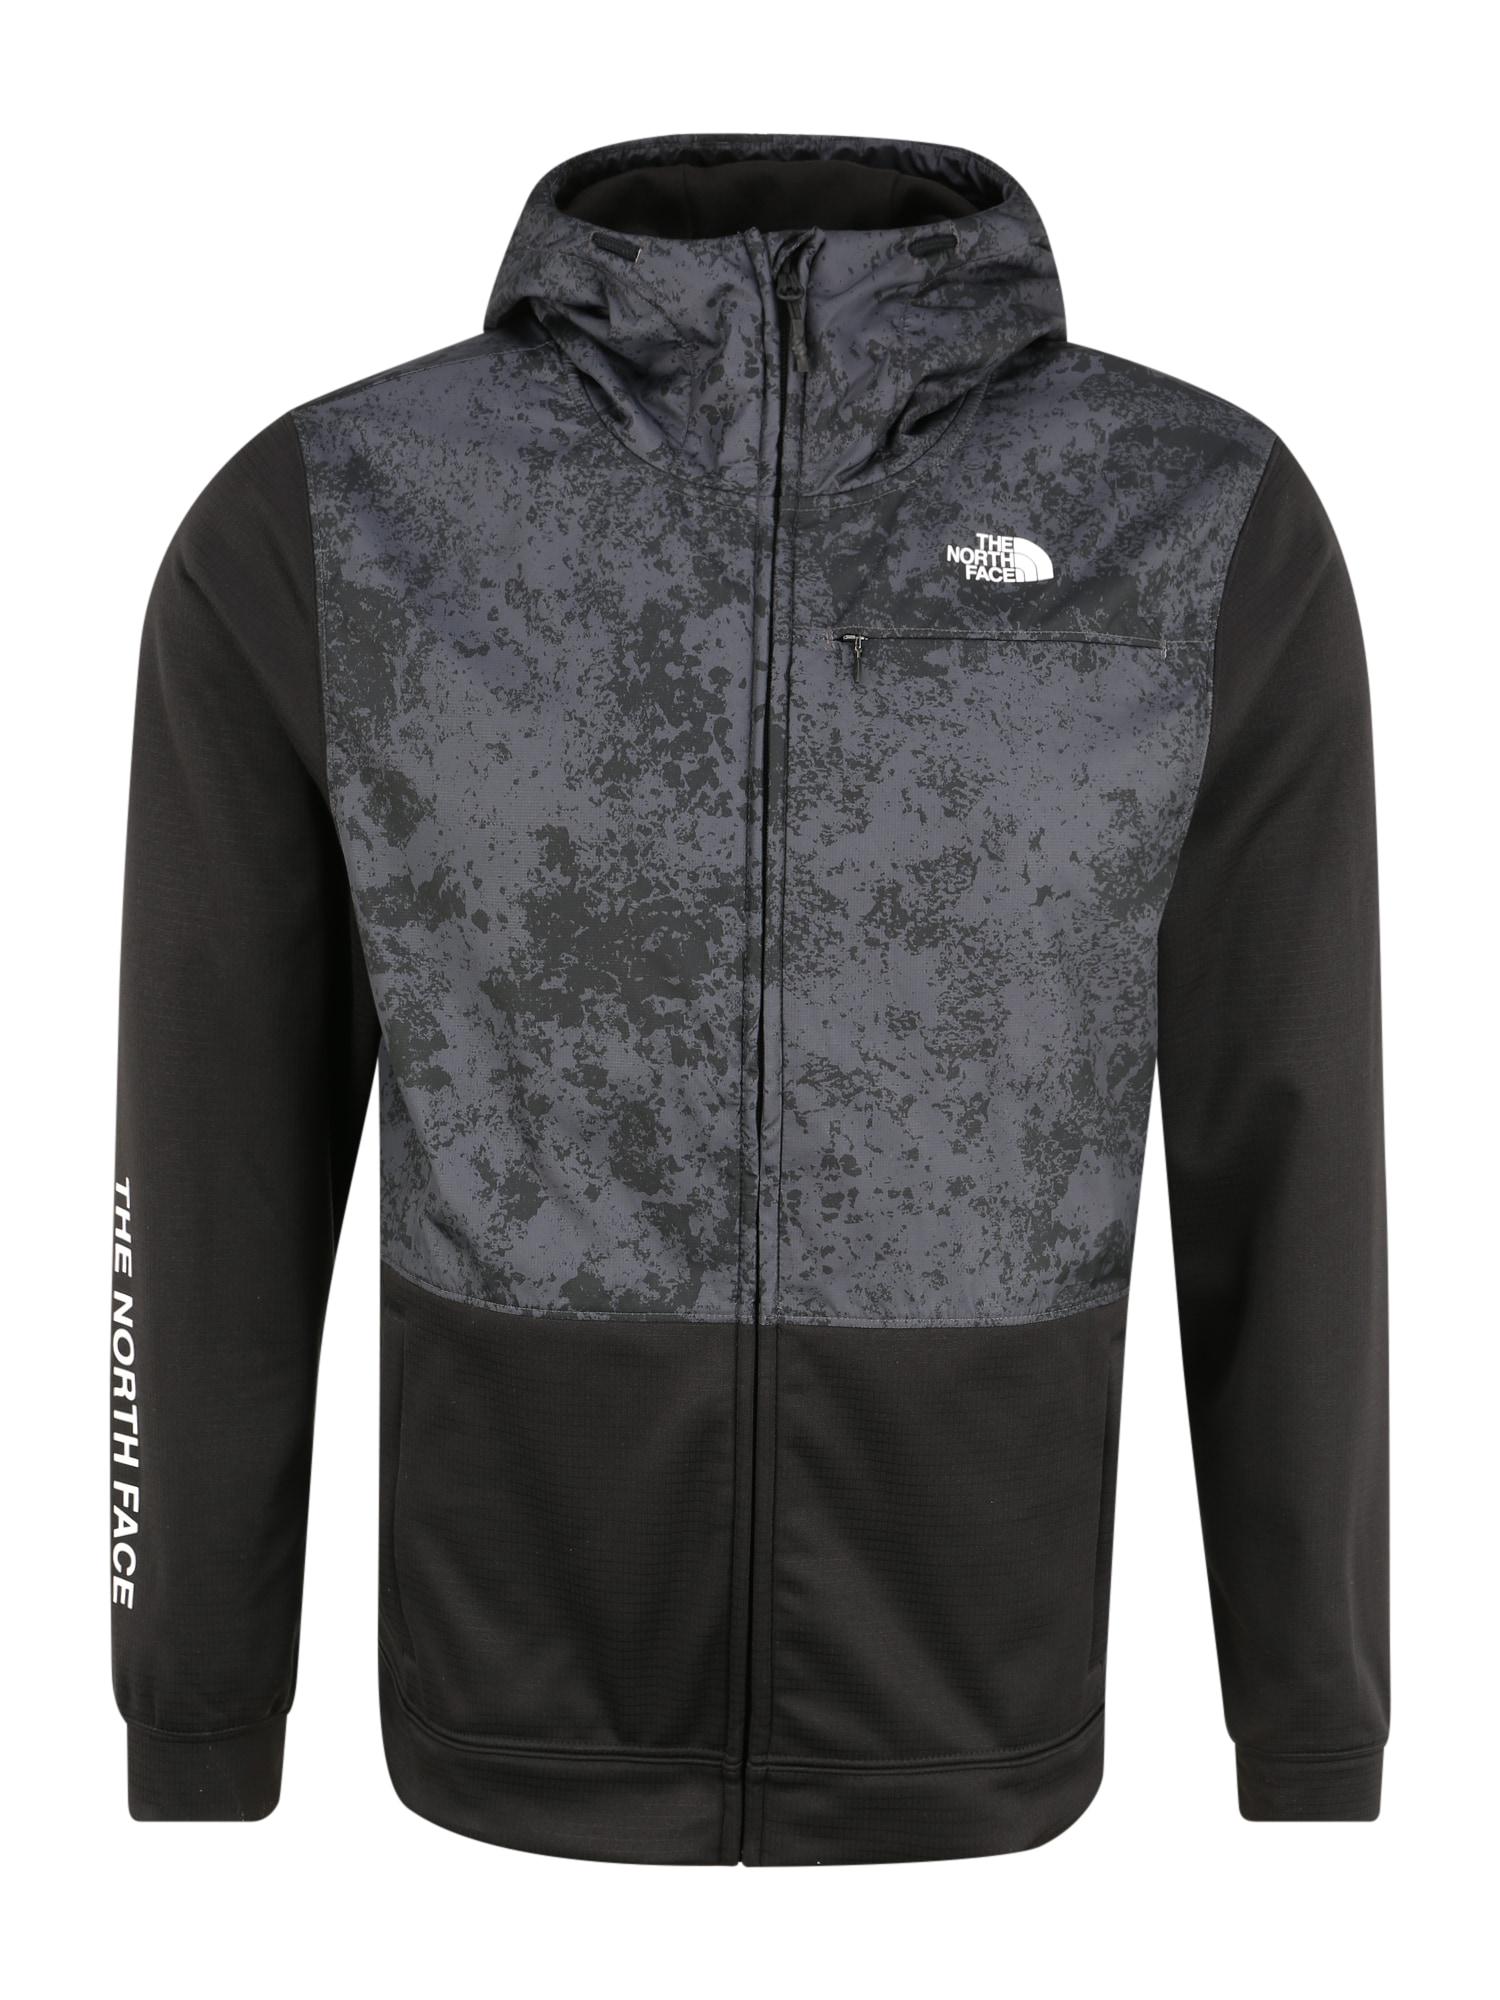 THE NORTH FACE Sportovní bunda 'M TRAIN N LOGO OVERLAY JACKET'  tmavě šedá / černá